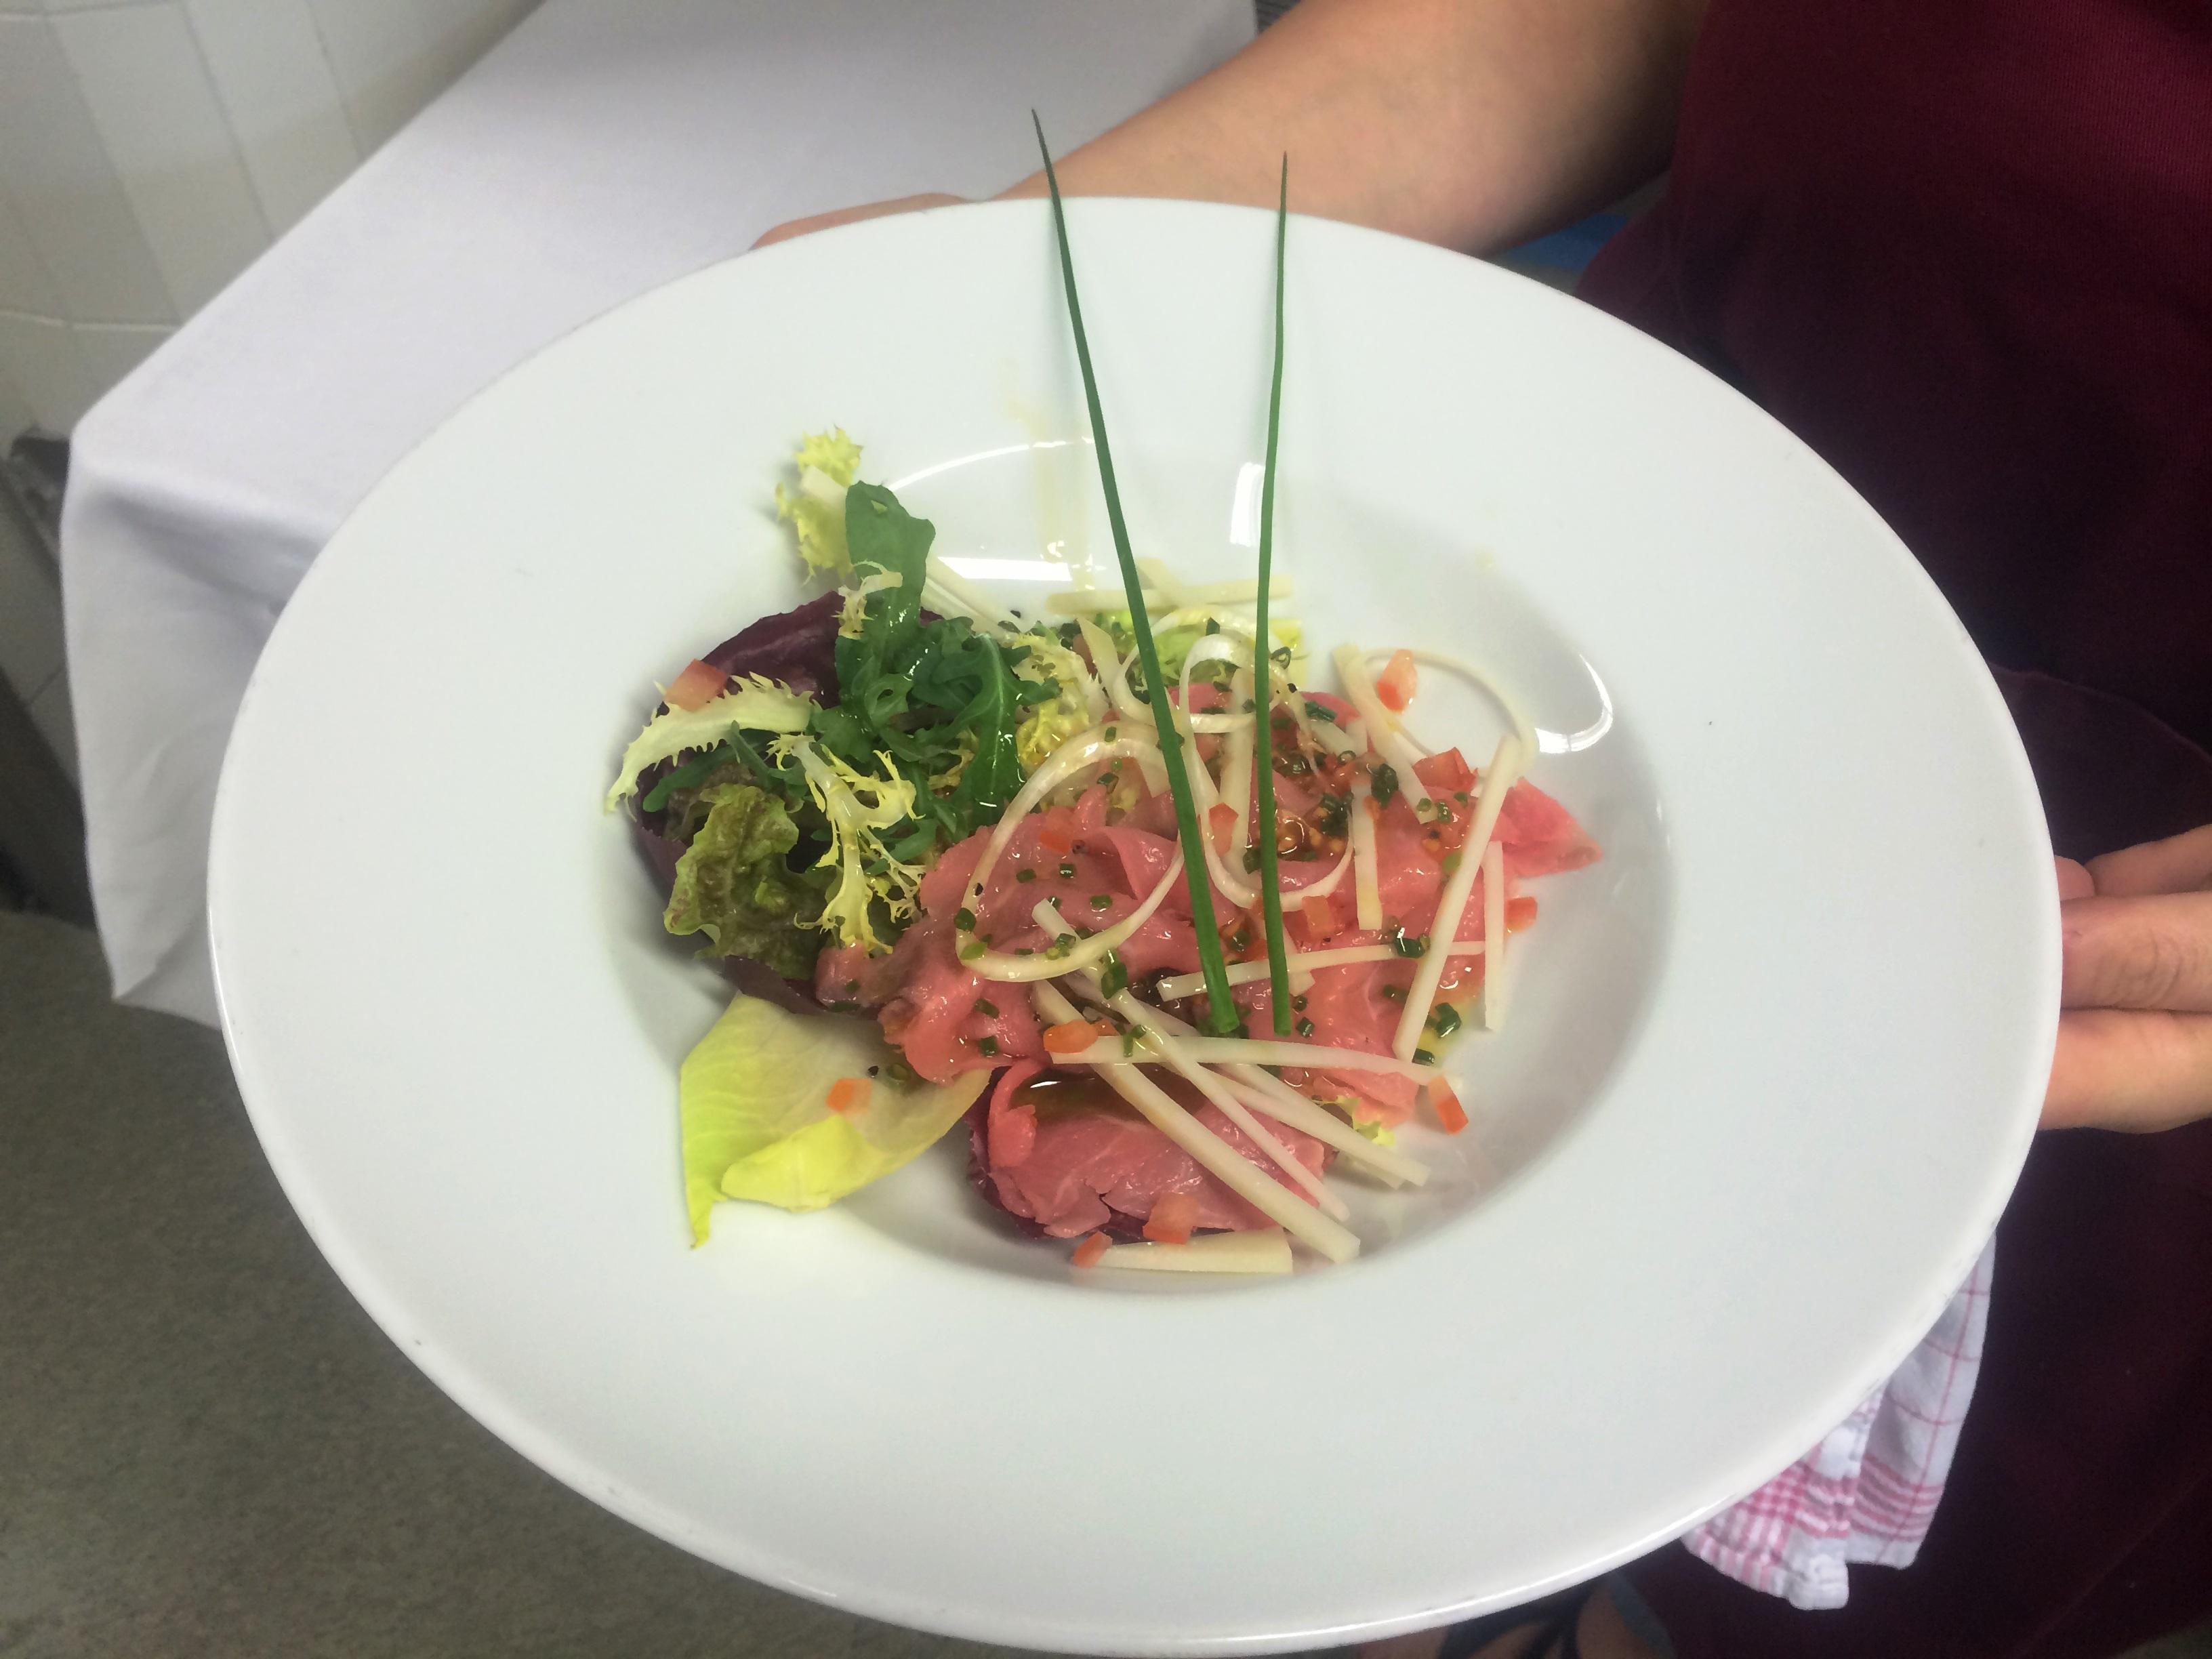 Unsere Vorspeise - selbst geklopfter Carpaccio auf Frühlingssalat